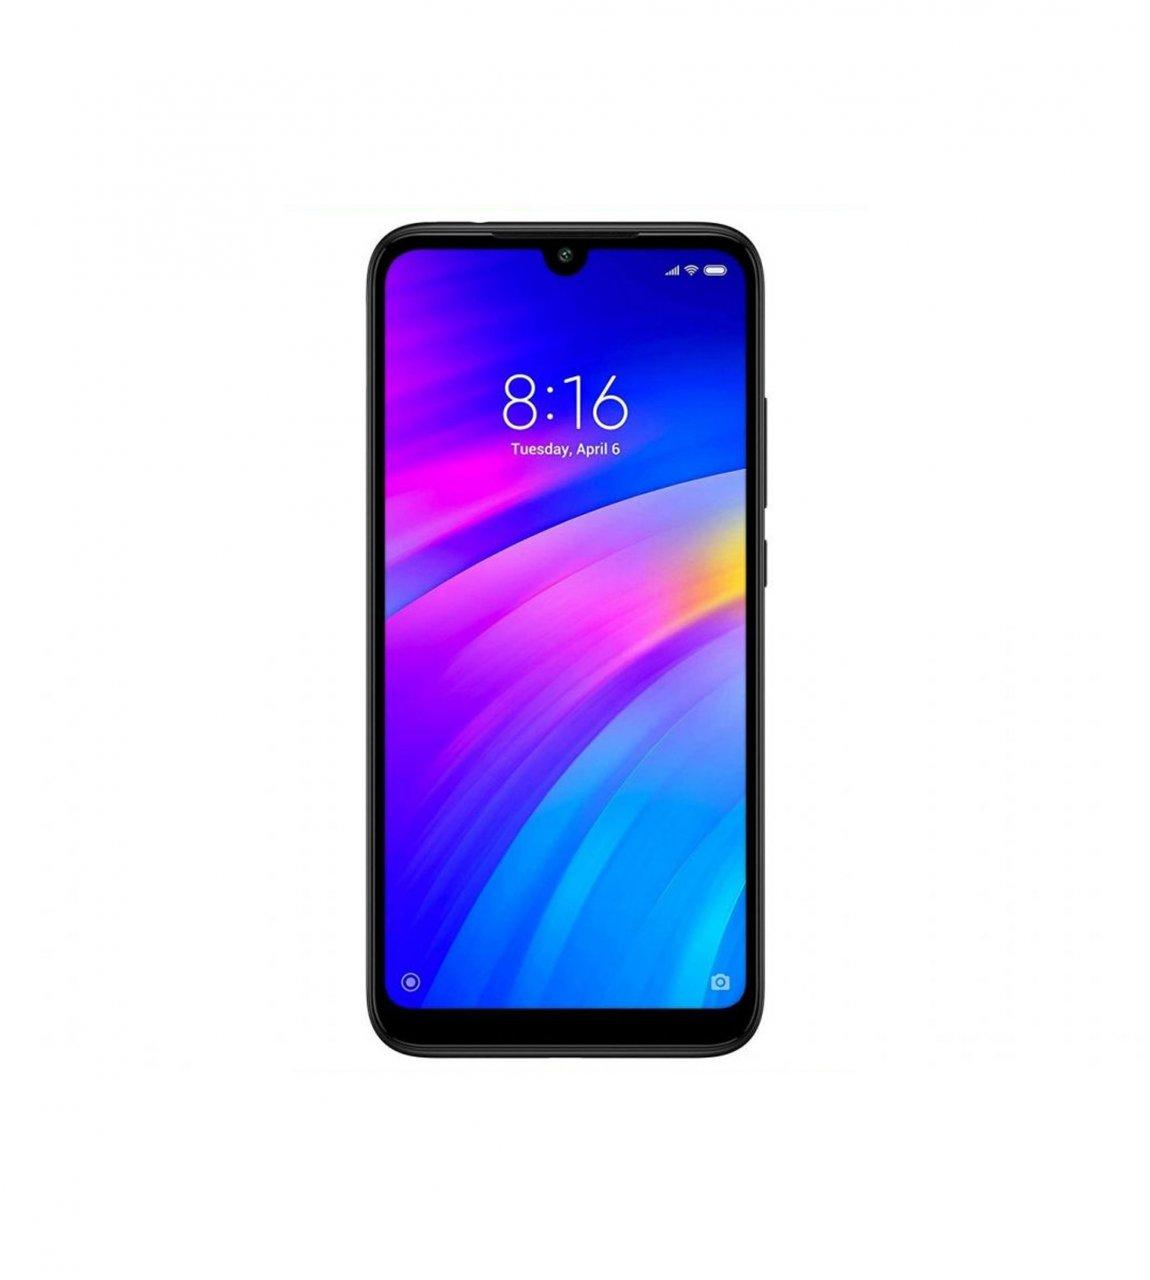 گوشی موبایل شیائومی Redmi 7 دو سیم کارت ظرفیت 32 گیگابایت با گارانتی اصلی